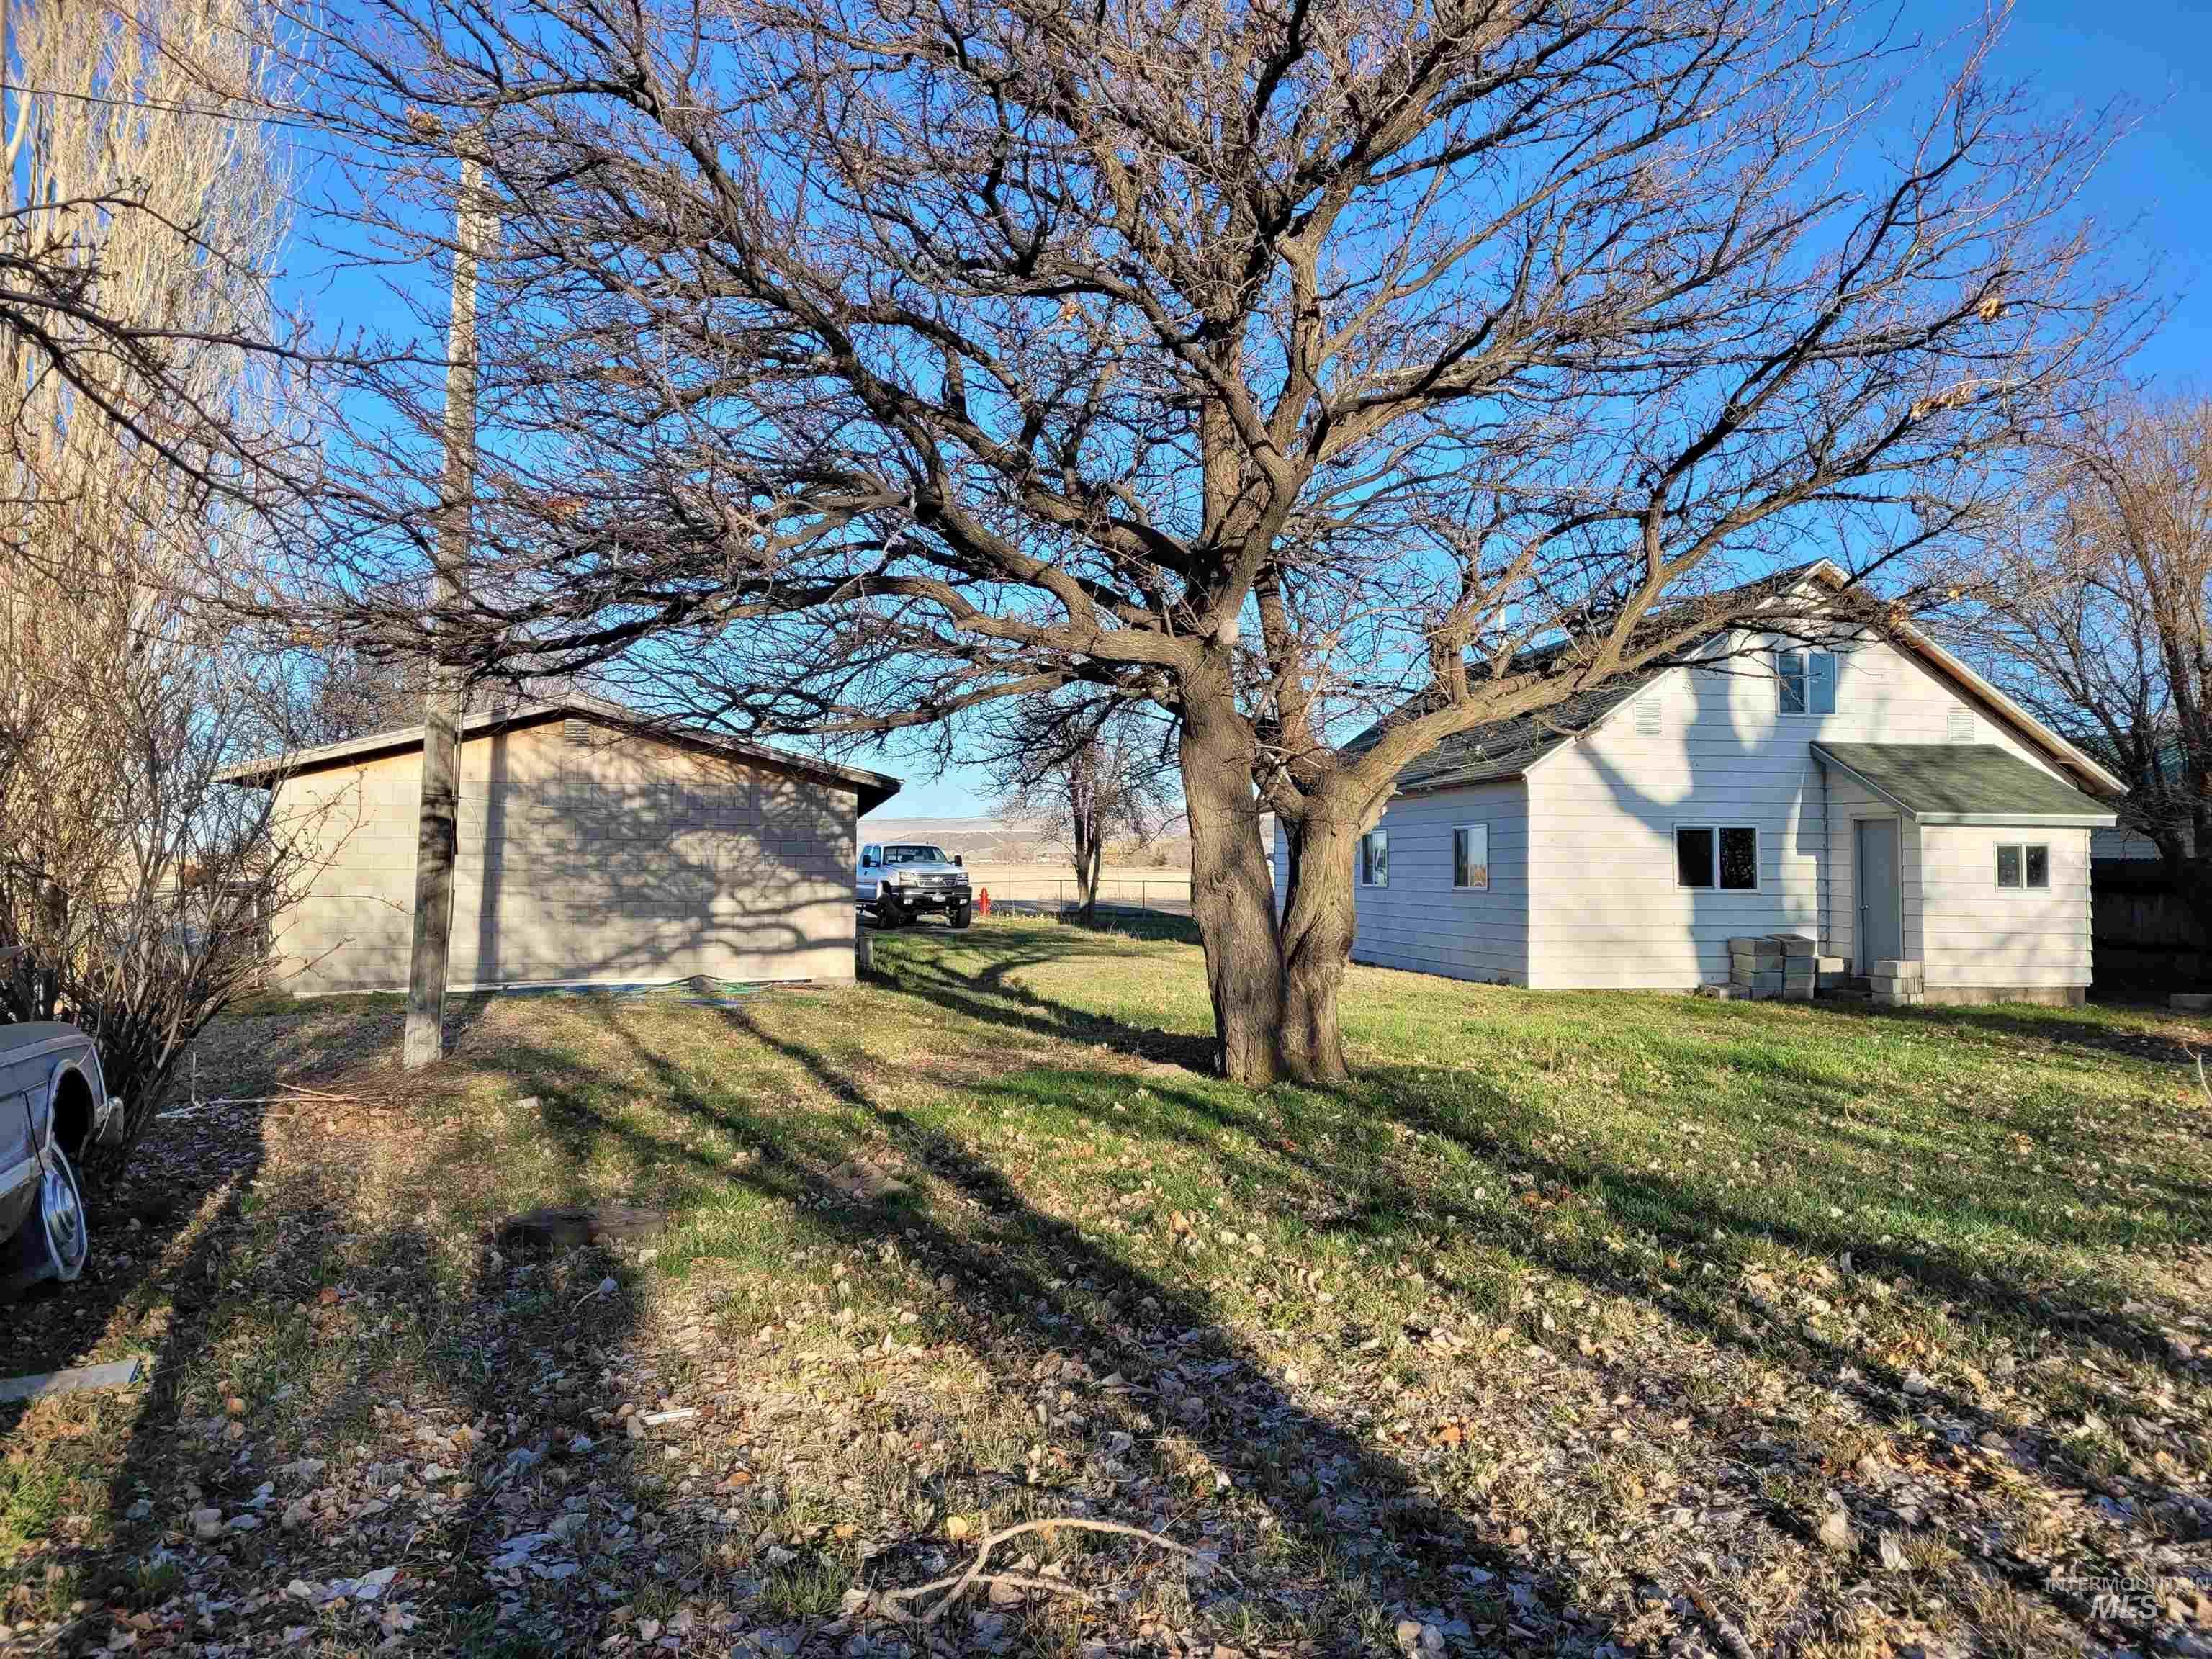 60 S 850 E Property Photo